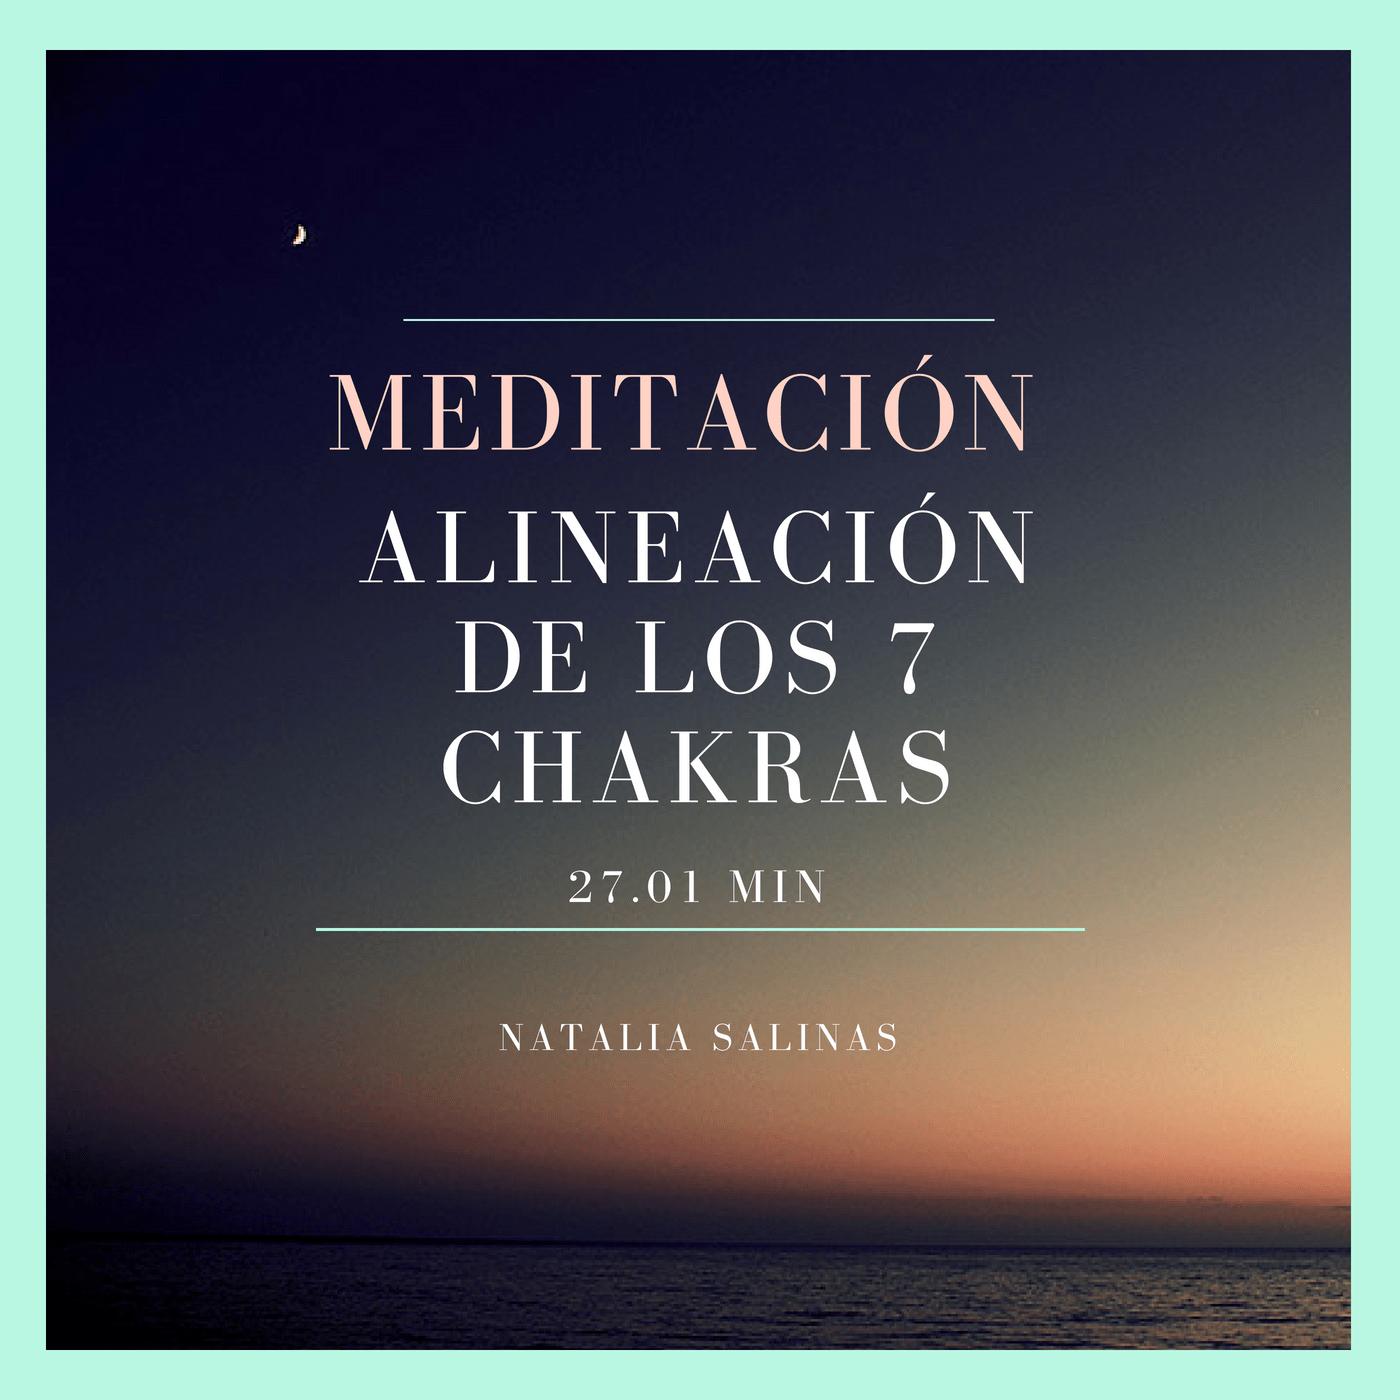 Meditación para la alineación de los 7 chakras